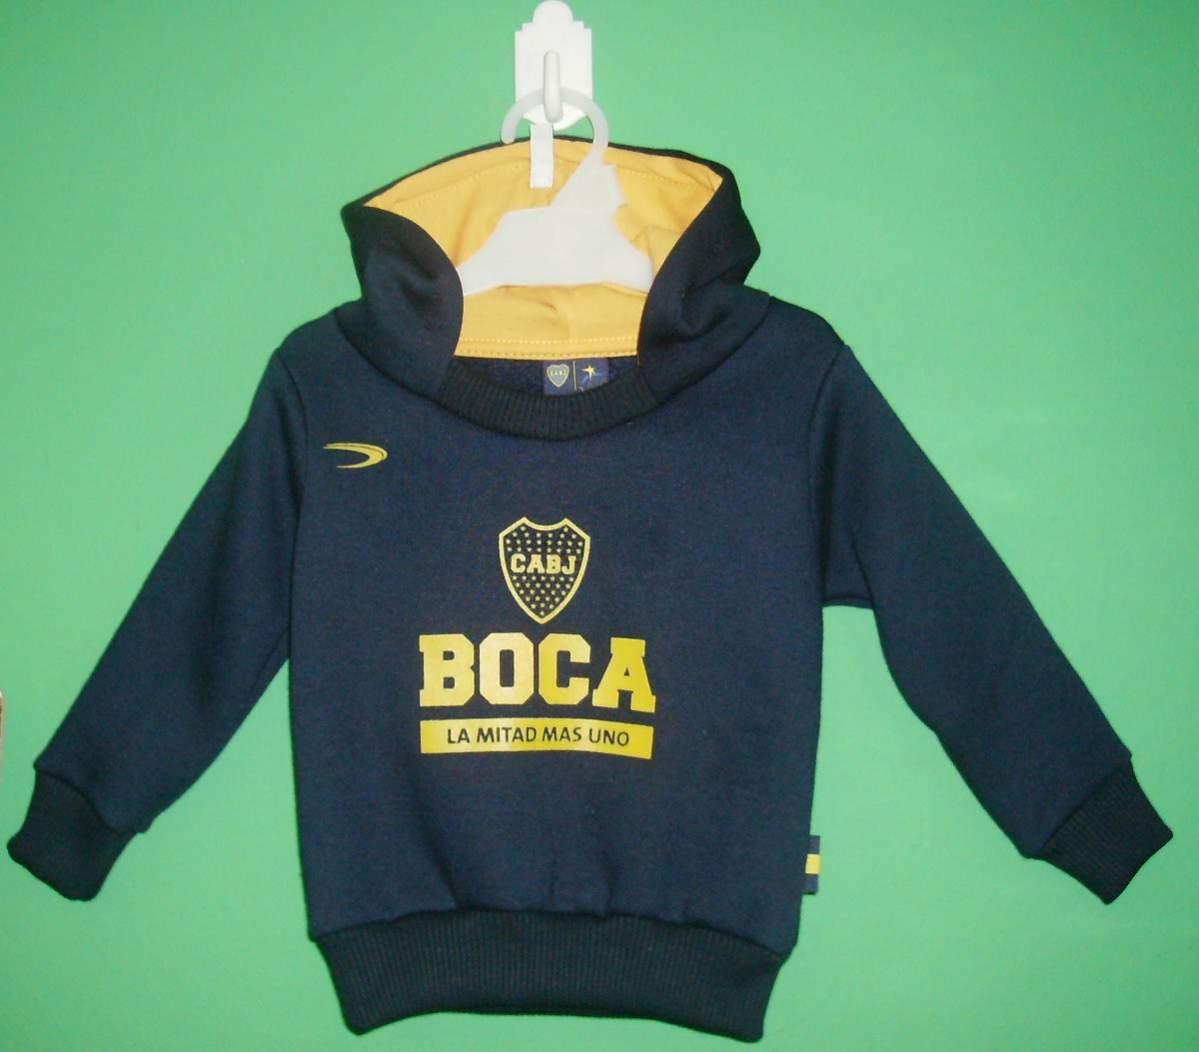 boca-juniors-buzo-oficial-cfriza-para-bebe-de-0-a-3-anos_MLA-F-4012525638_032013.jpg